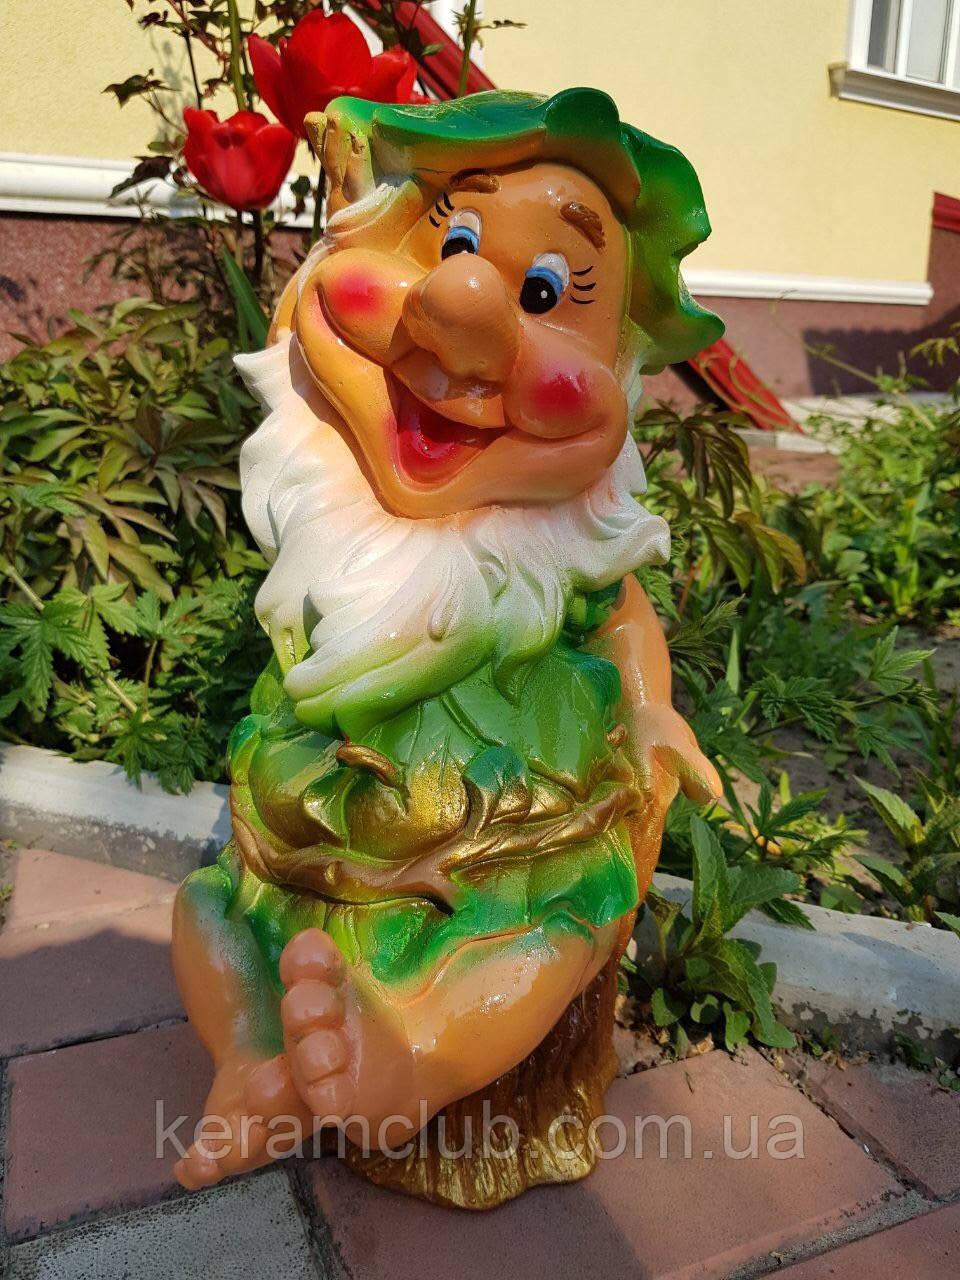 Садовая фигура: гномик на пне